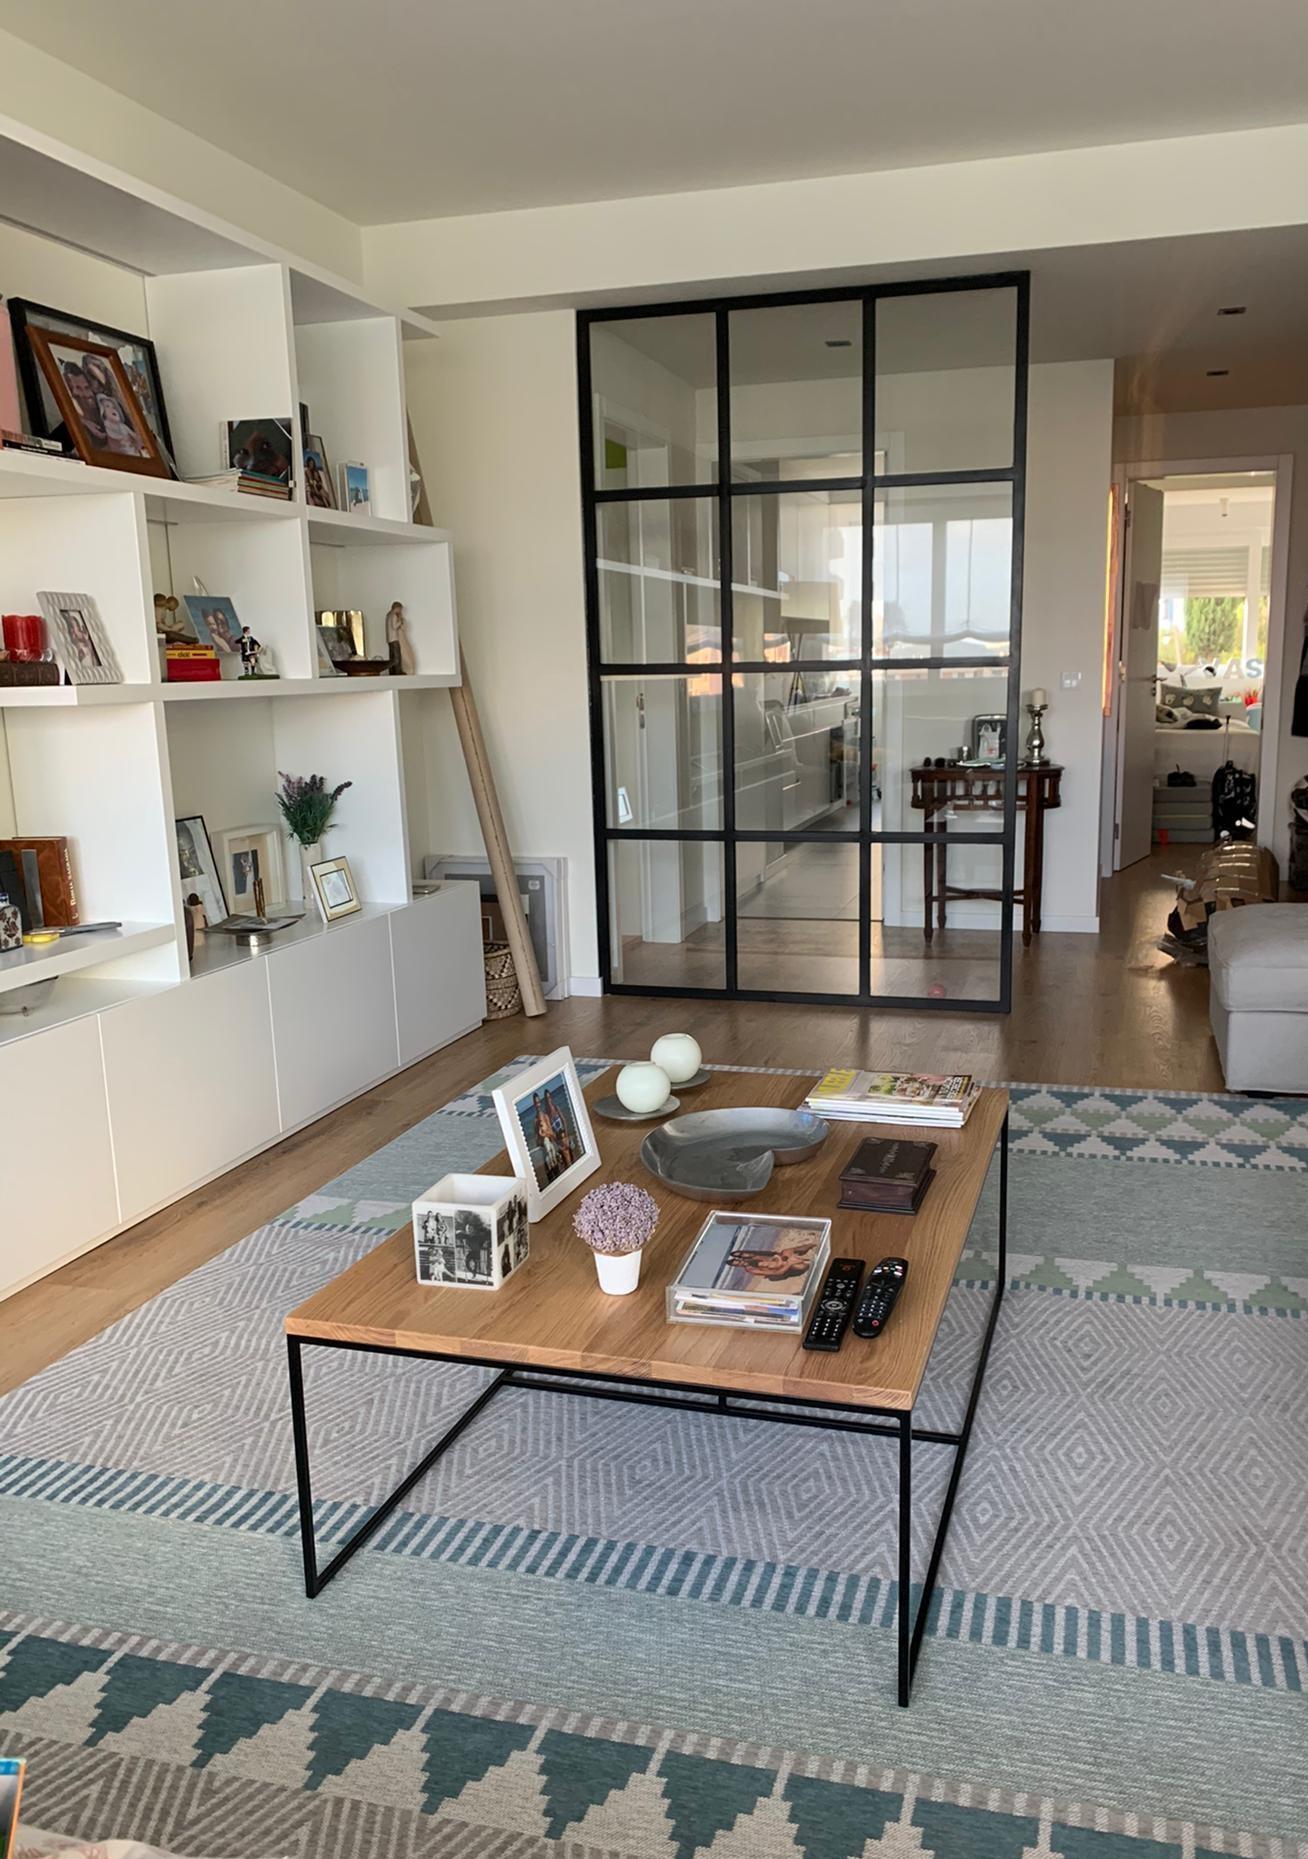 Divisória interior seguindo as tendências Design de Interiores pós Covid 19